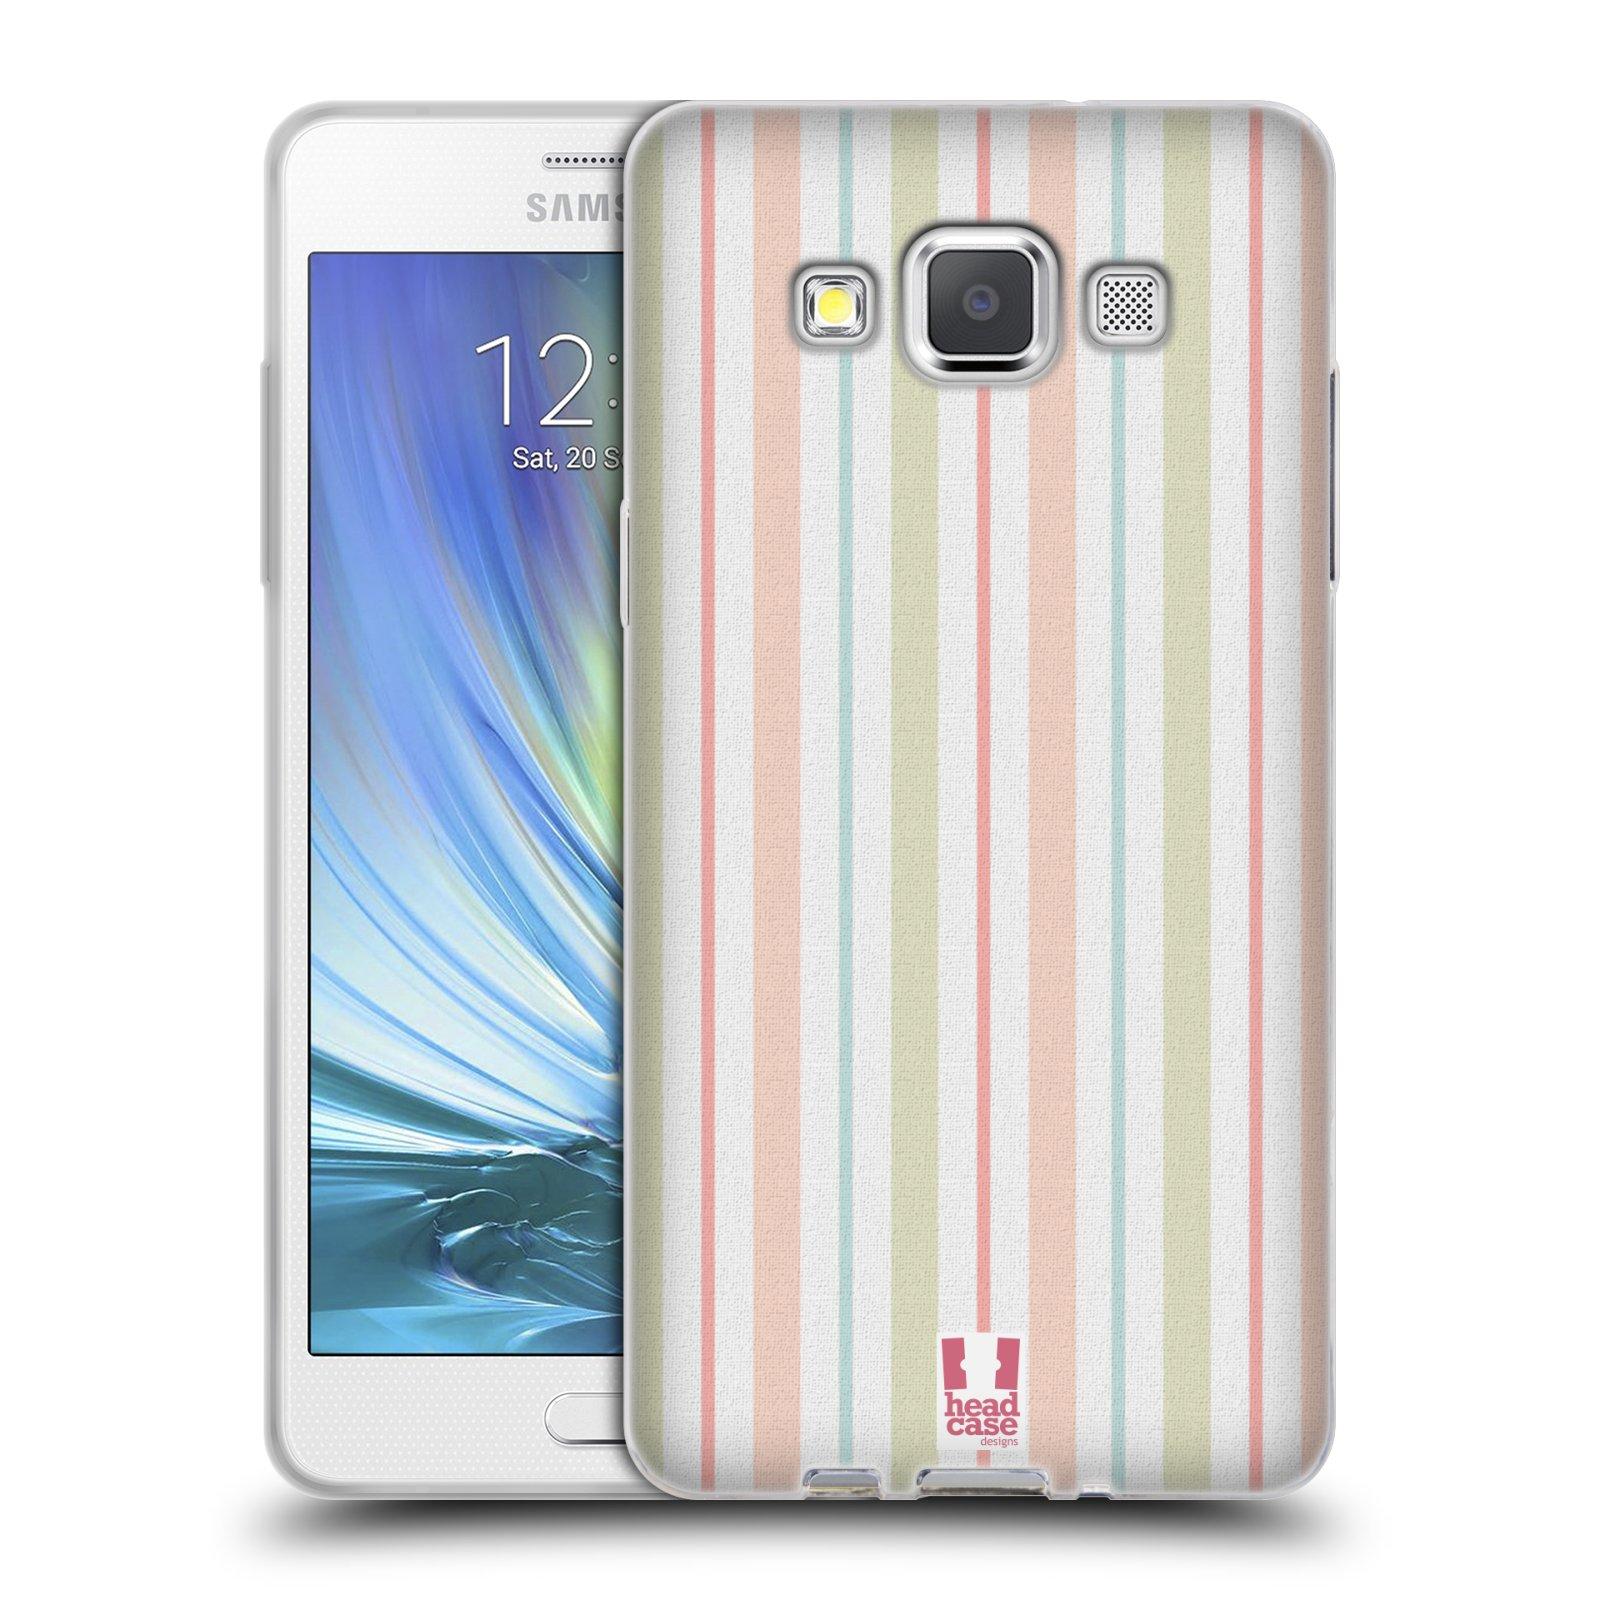 HEAD CASE silikonový obal na mobil Samsung Galaxy A5 Francouzský motiv venkov barevné proužky